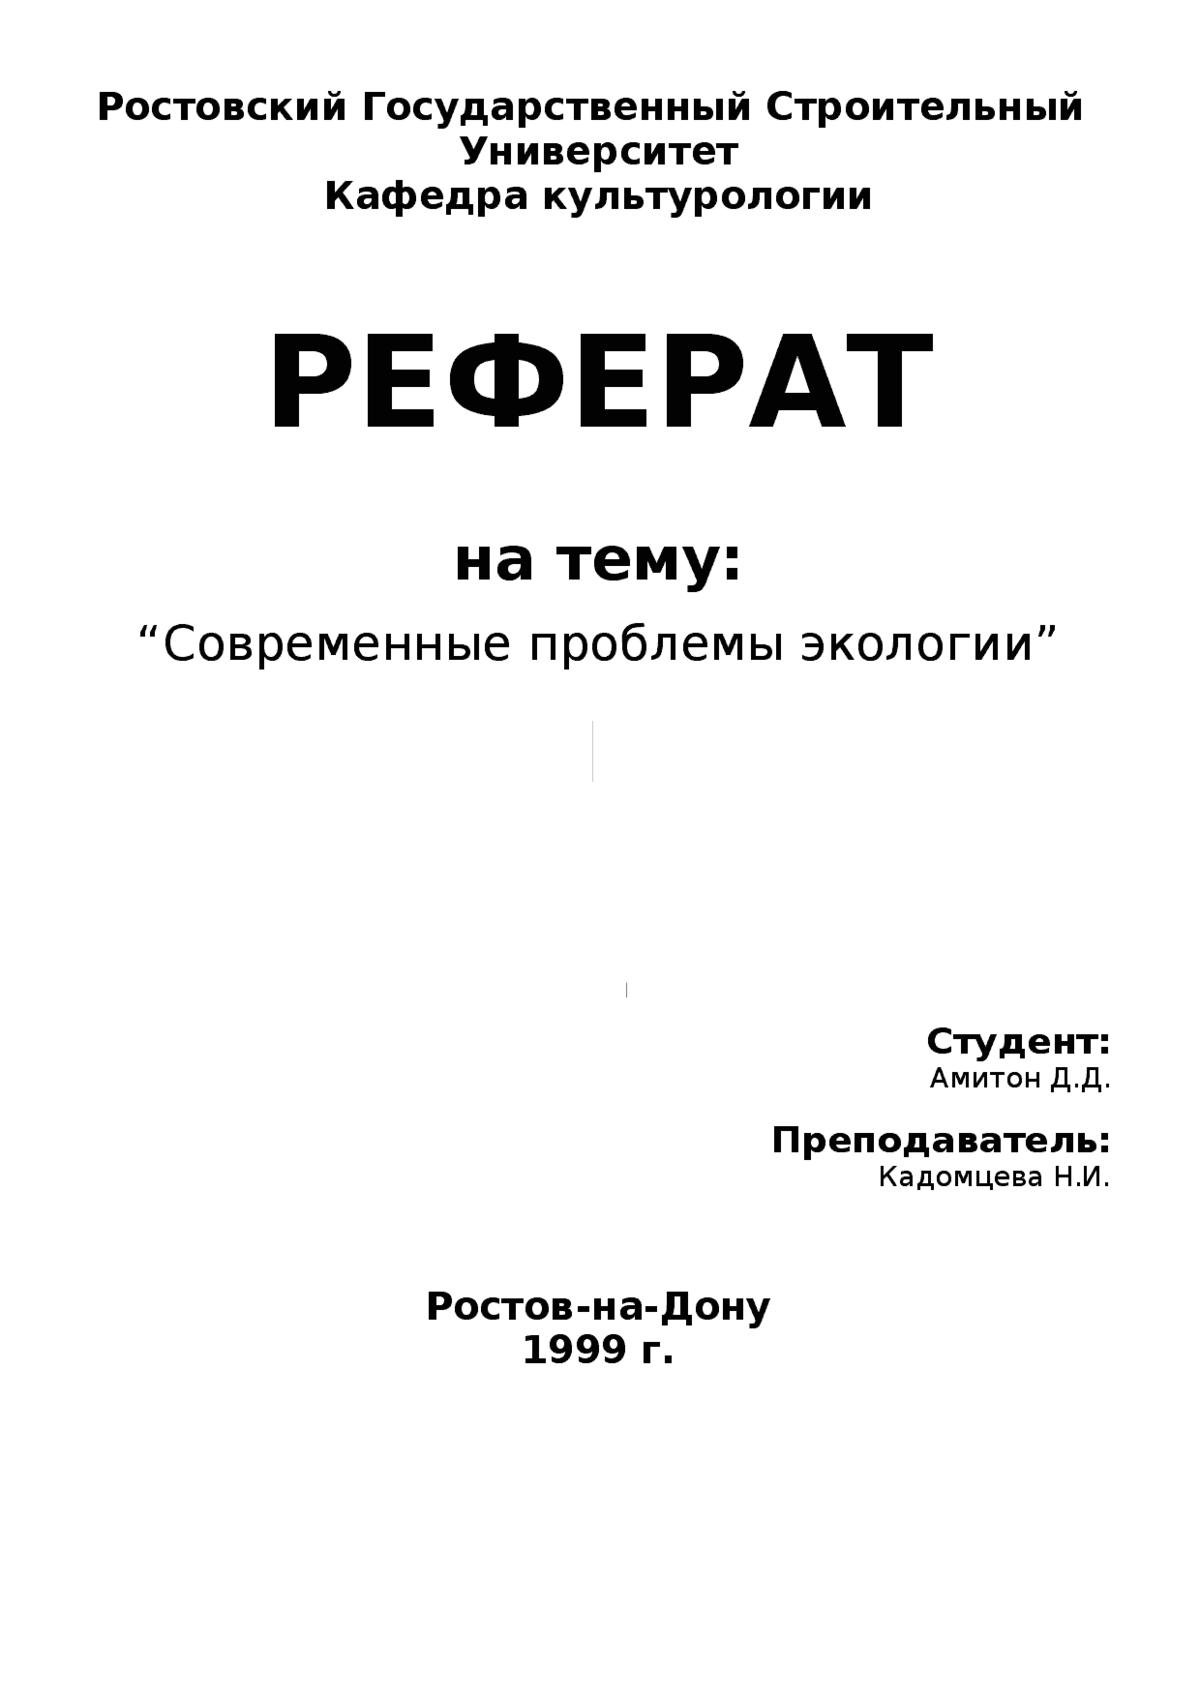 Титульный лист к докладу картинка